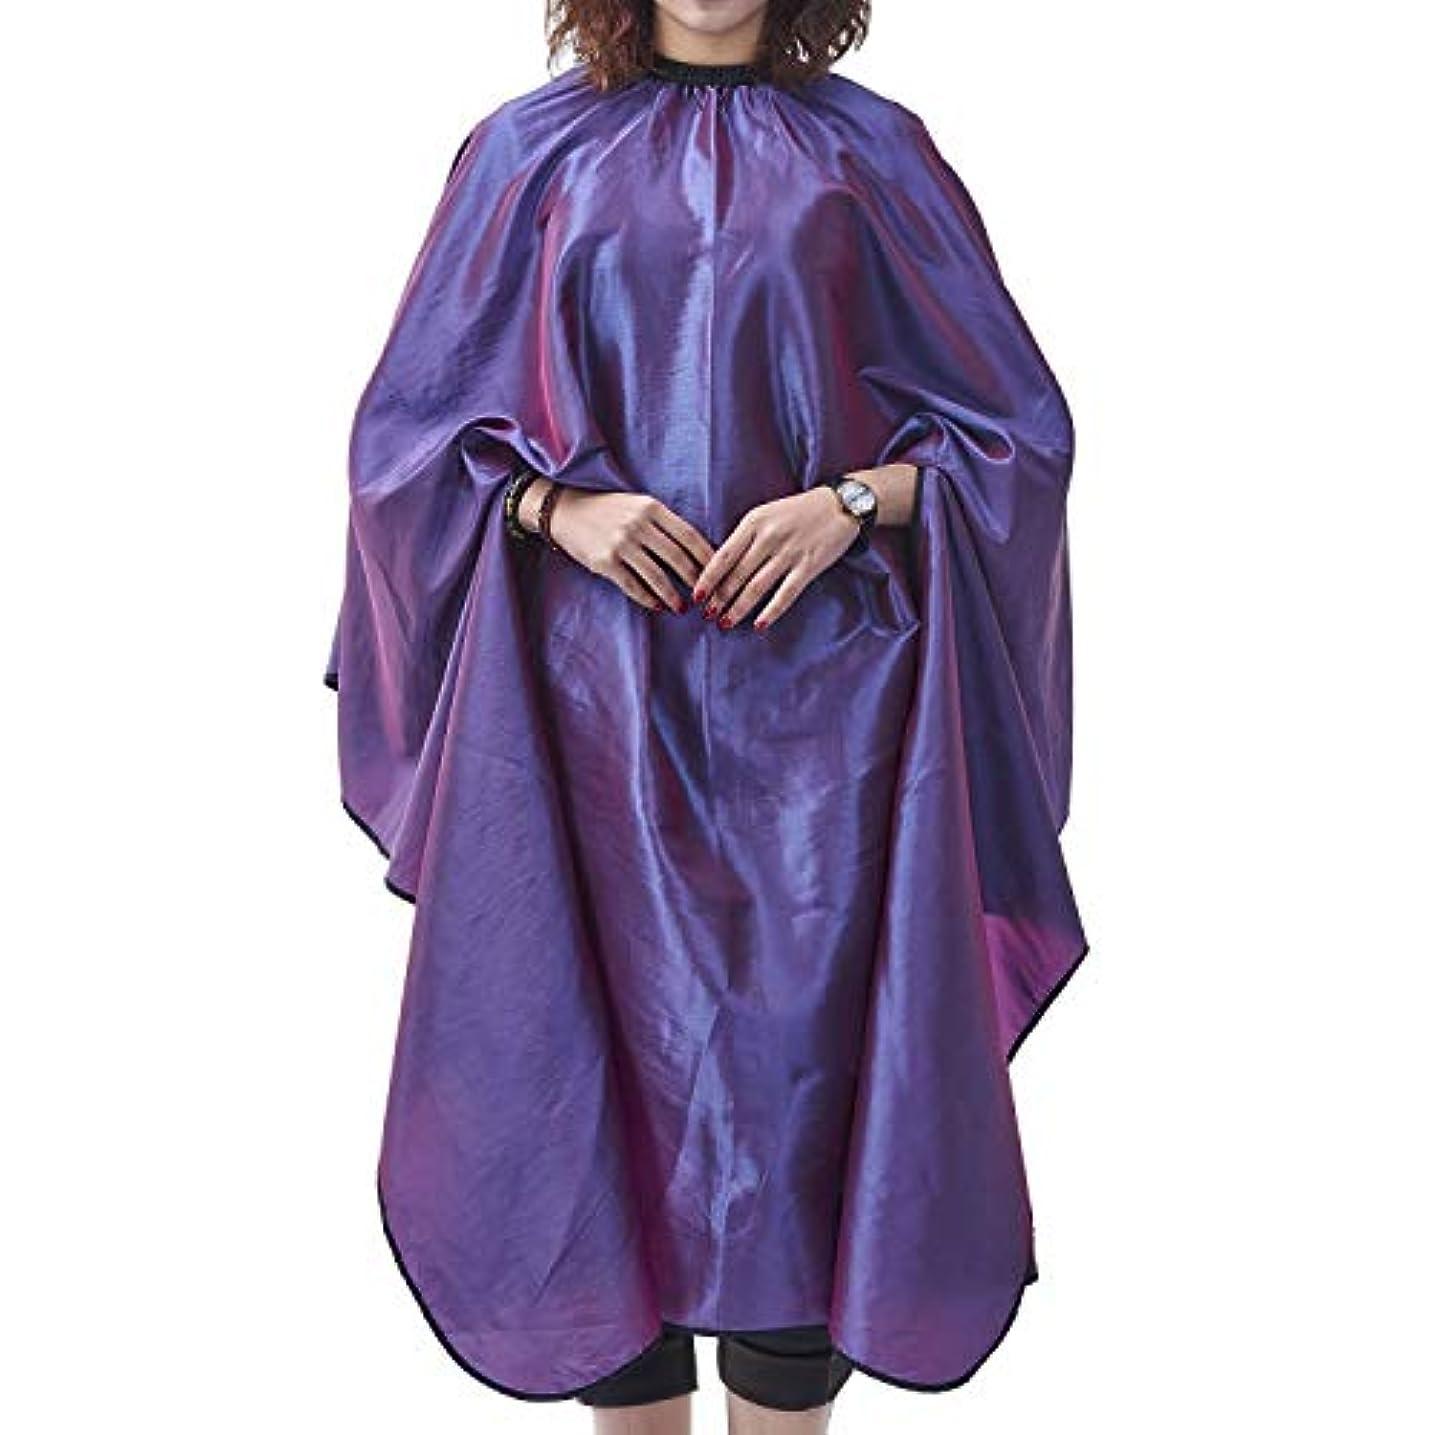 個人頭新鮮なHIZLJJ サロンケープエプロンバーバーシャ??ンプーオイルスタイリングヘアカット美容師職業理髪店用品よだれかけ (Color : Purple)